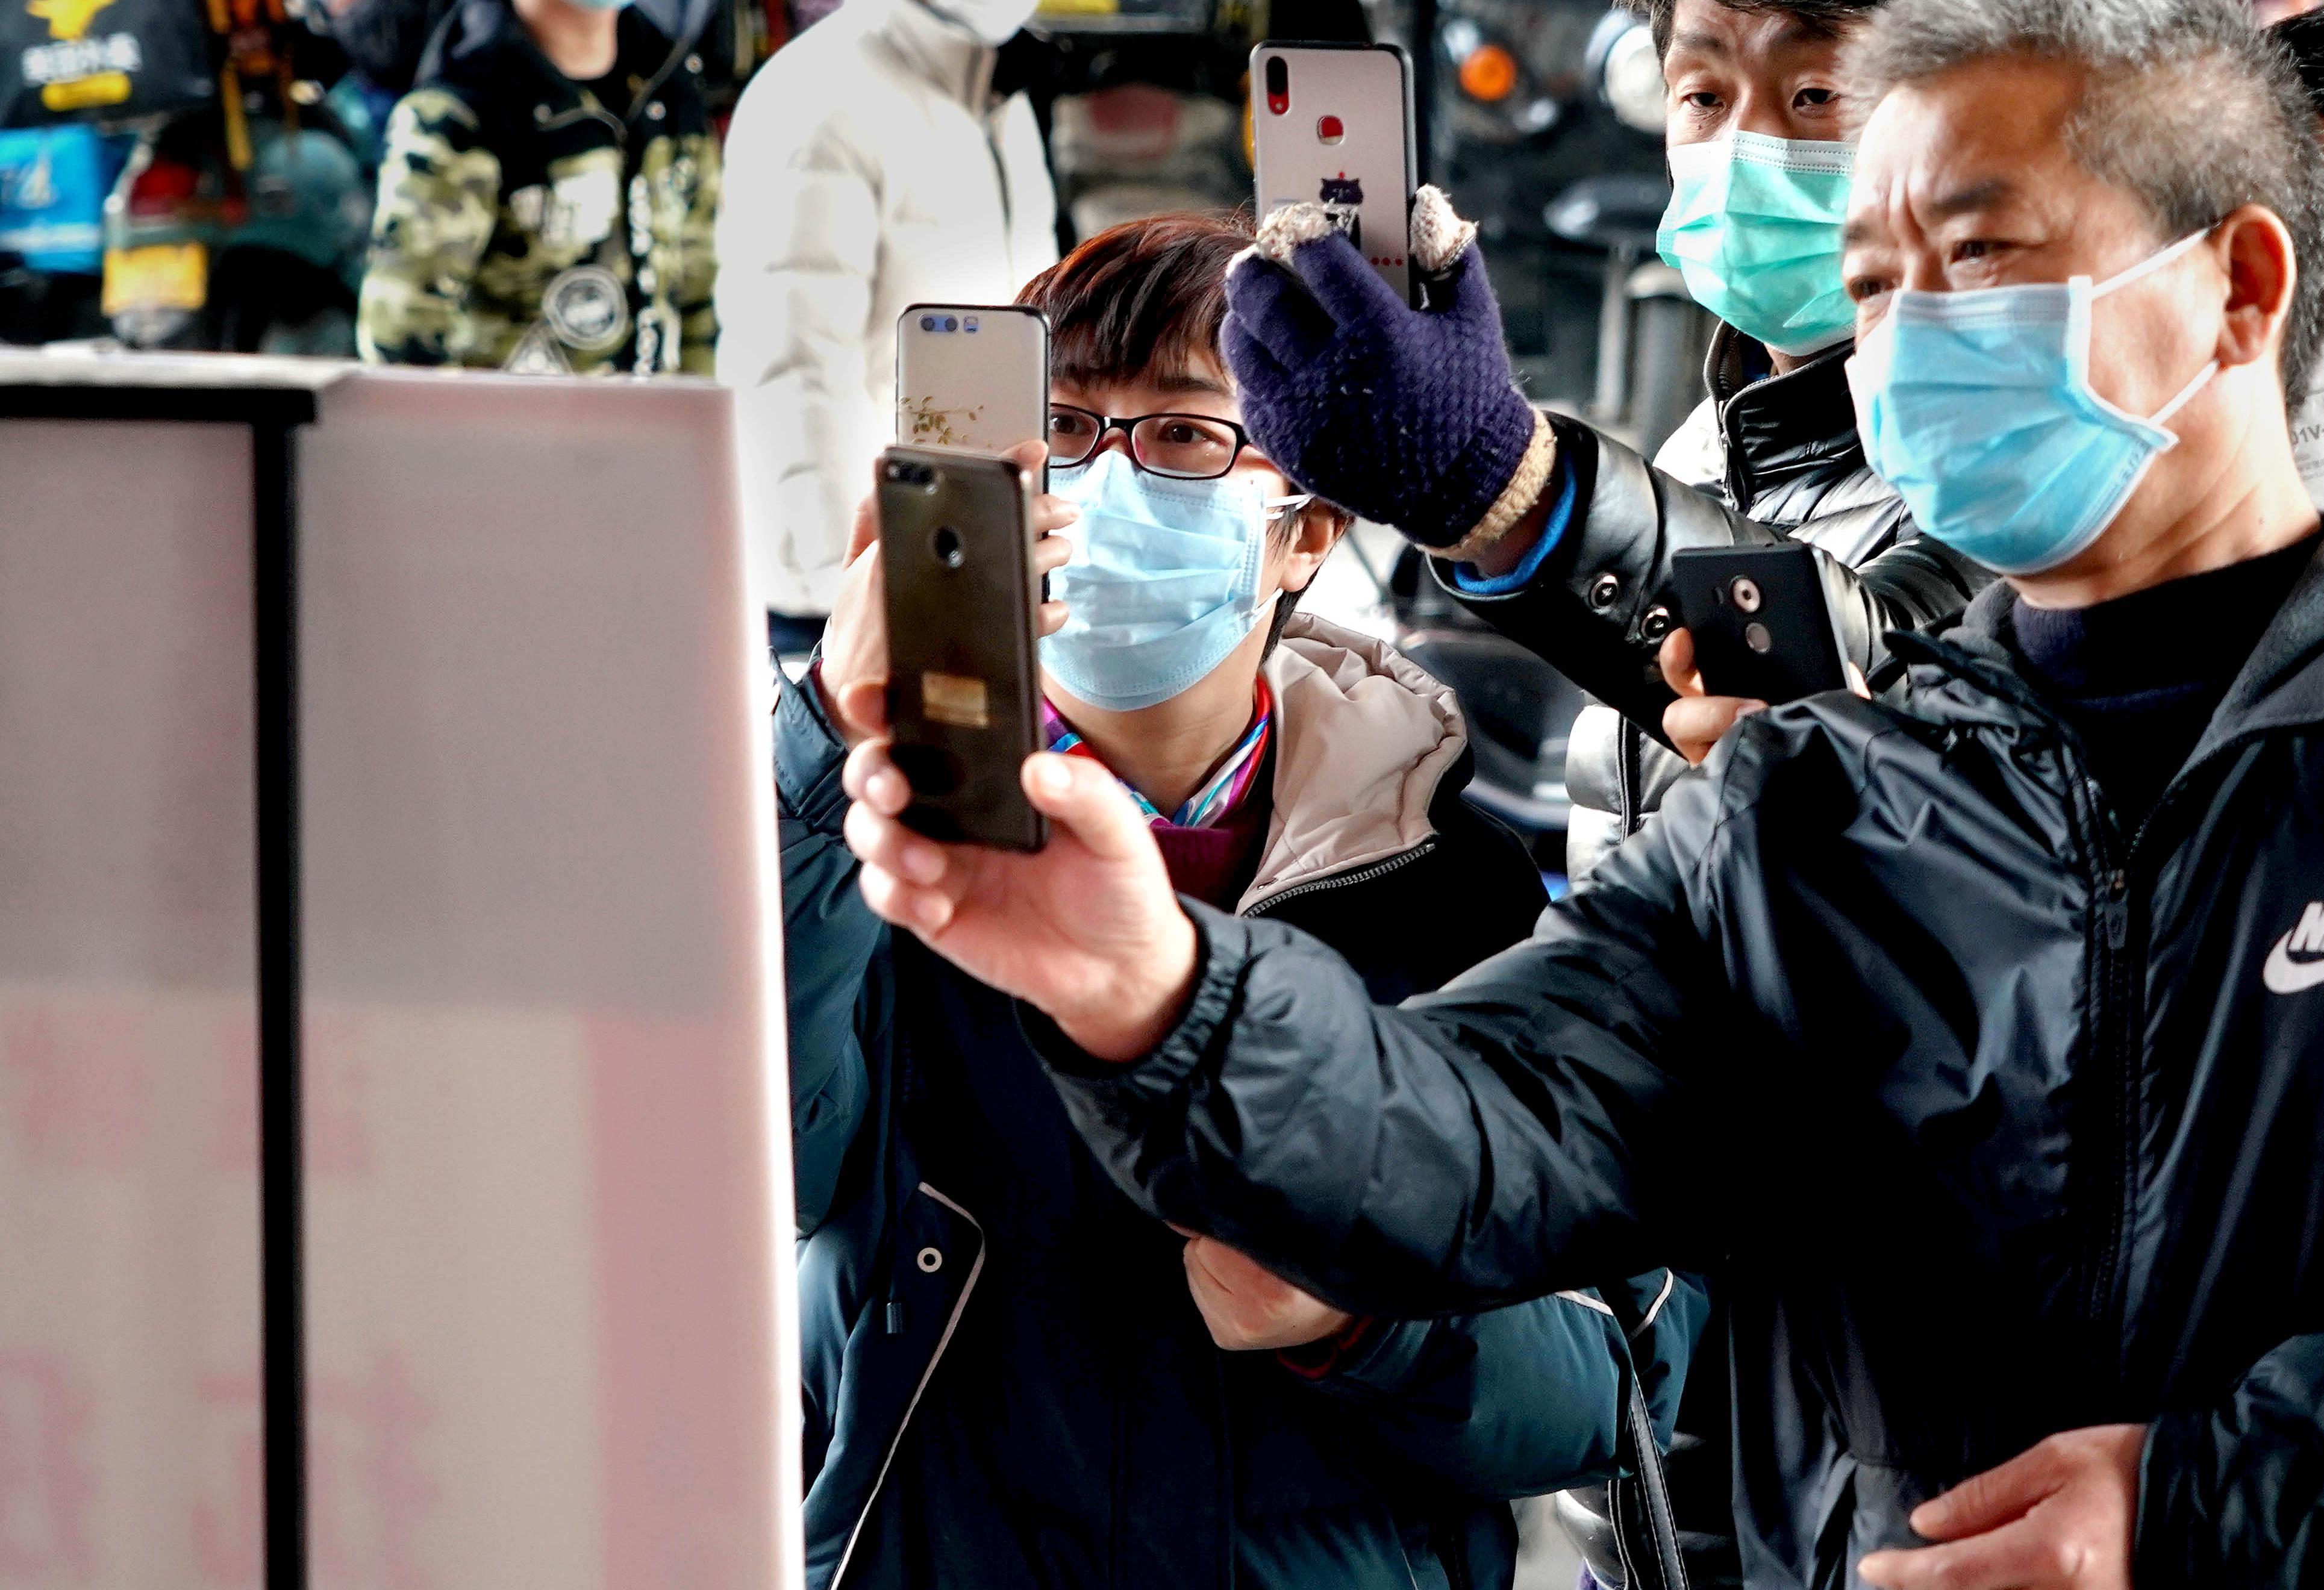 中国の高齢者、10万人超が一日中スマホ ネット生活調査